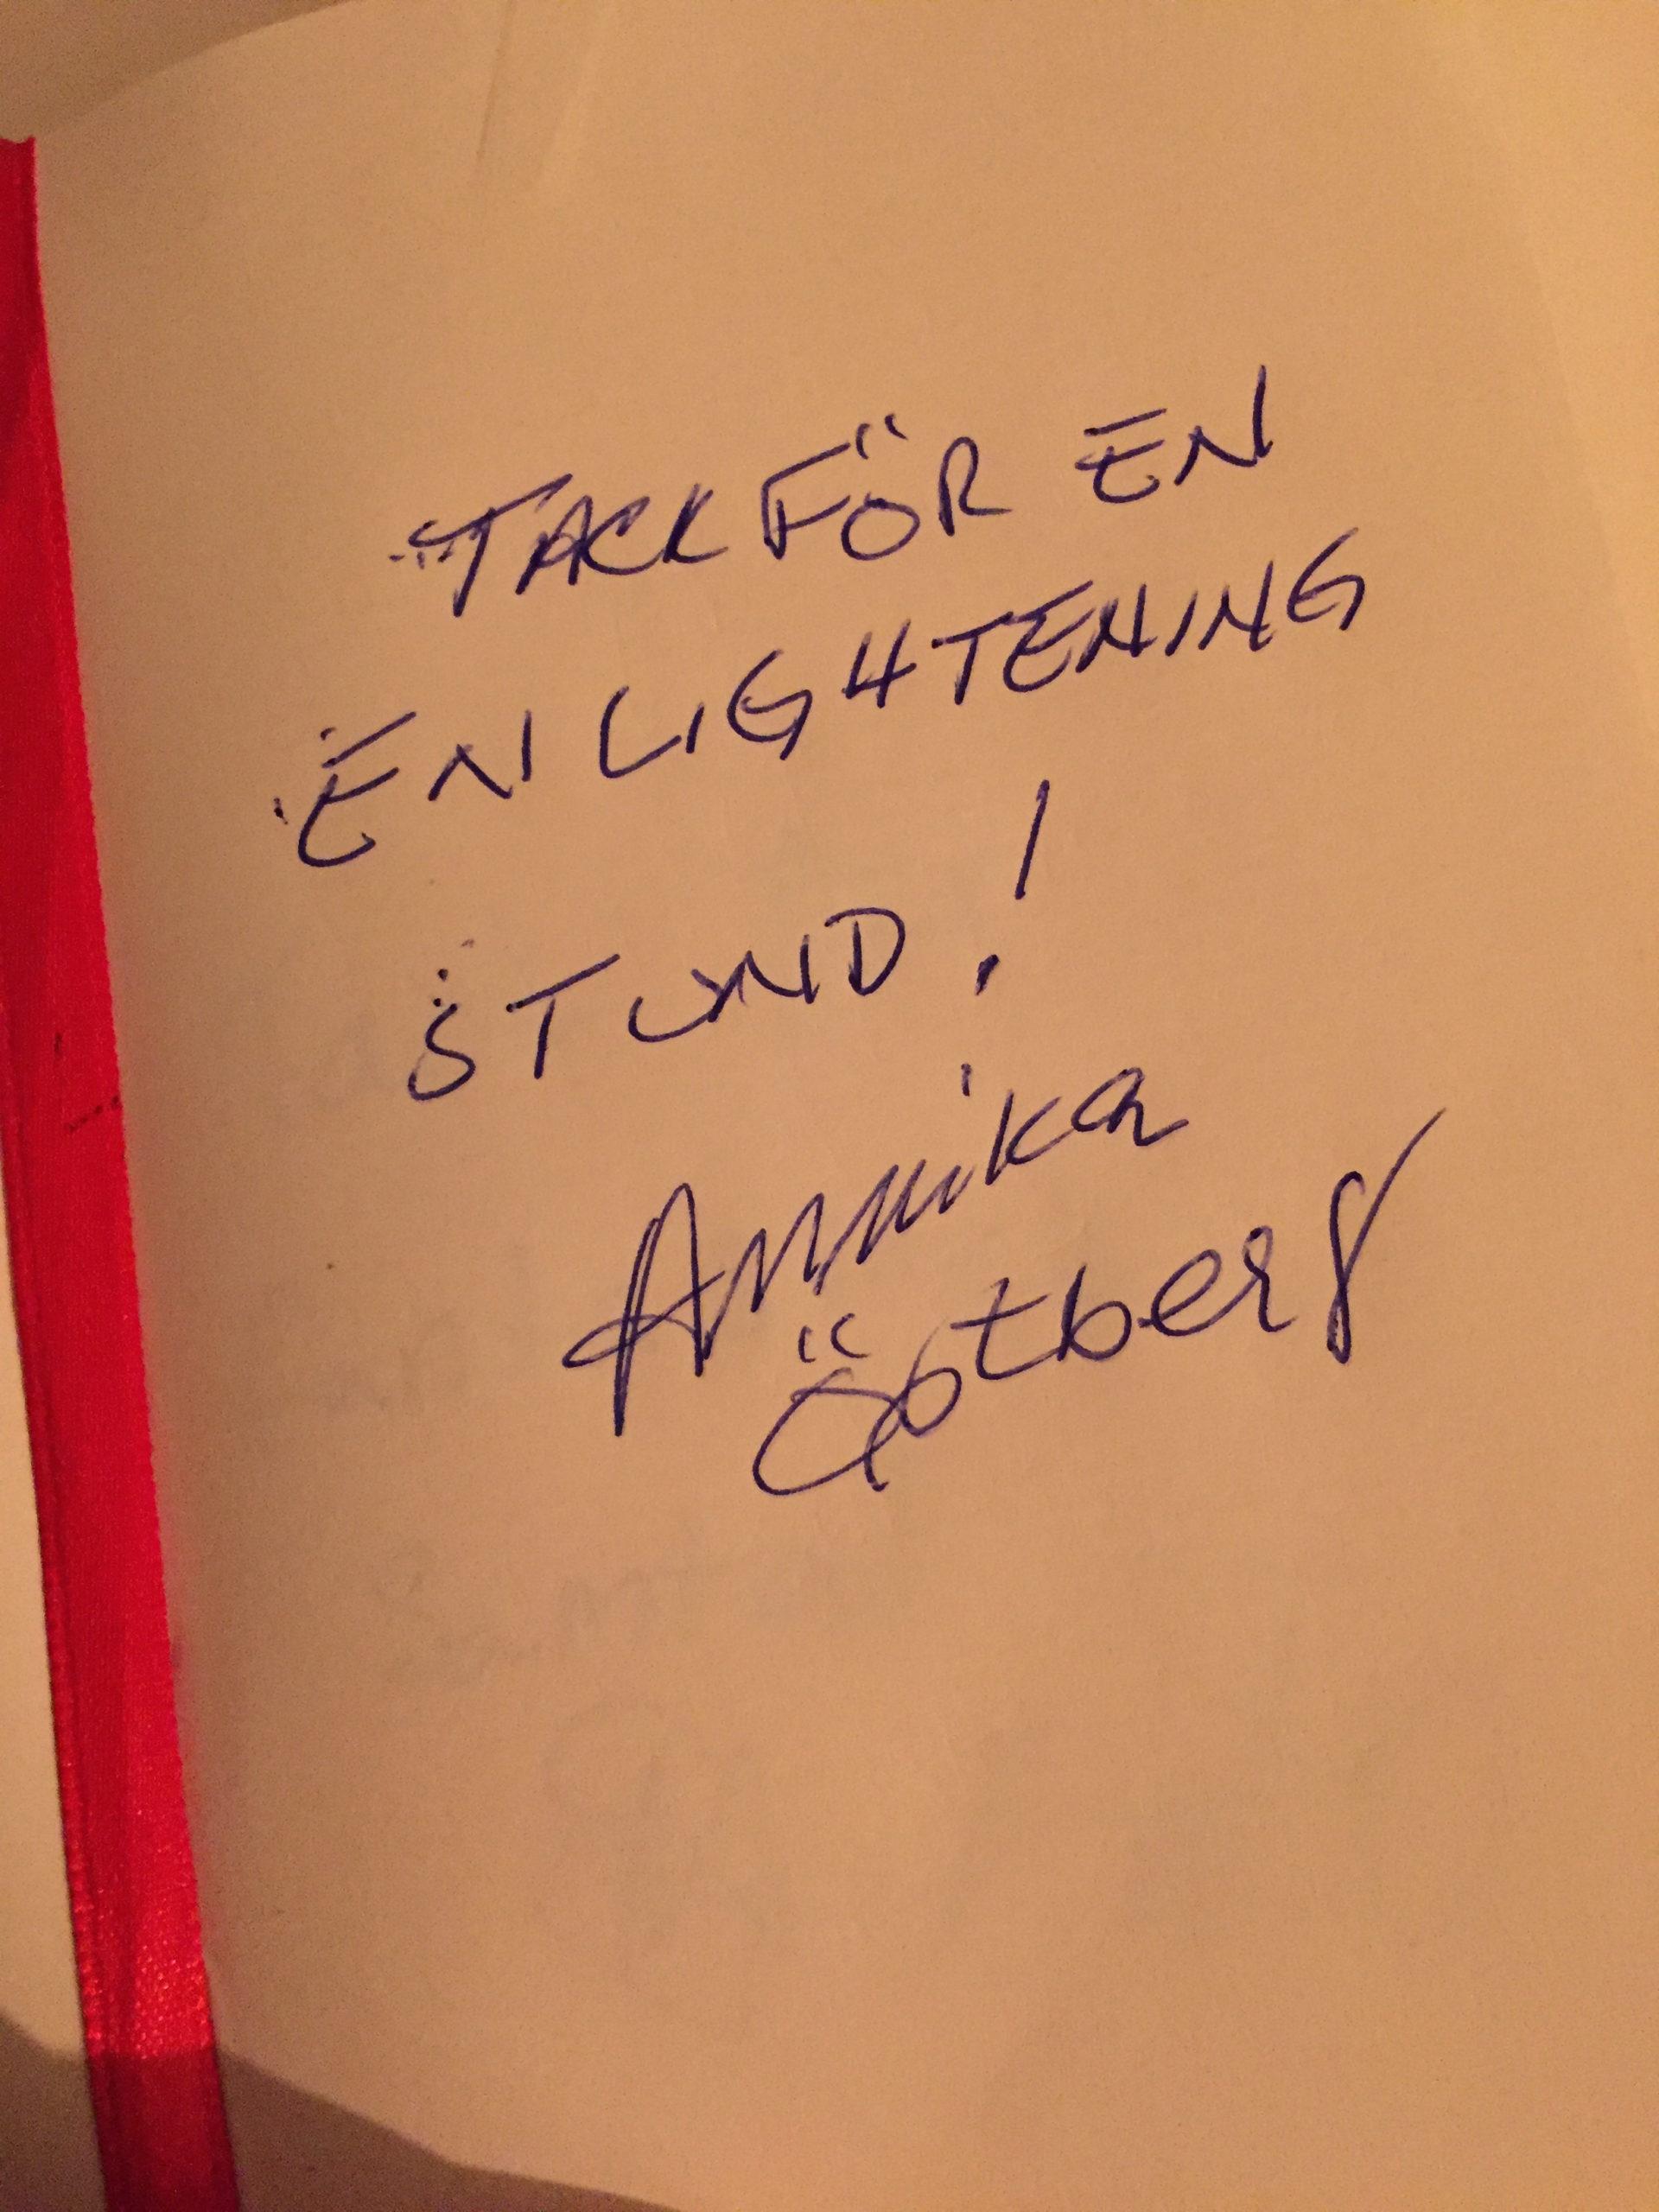 Annikas tackhälsning på vitt papper med texten: Tack för en enlightening stund! Signerat Annika.